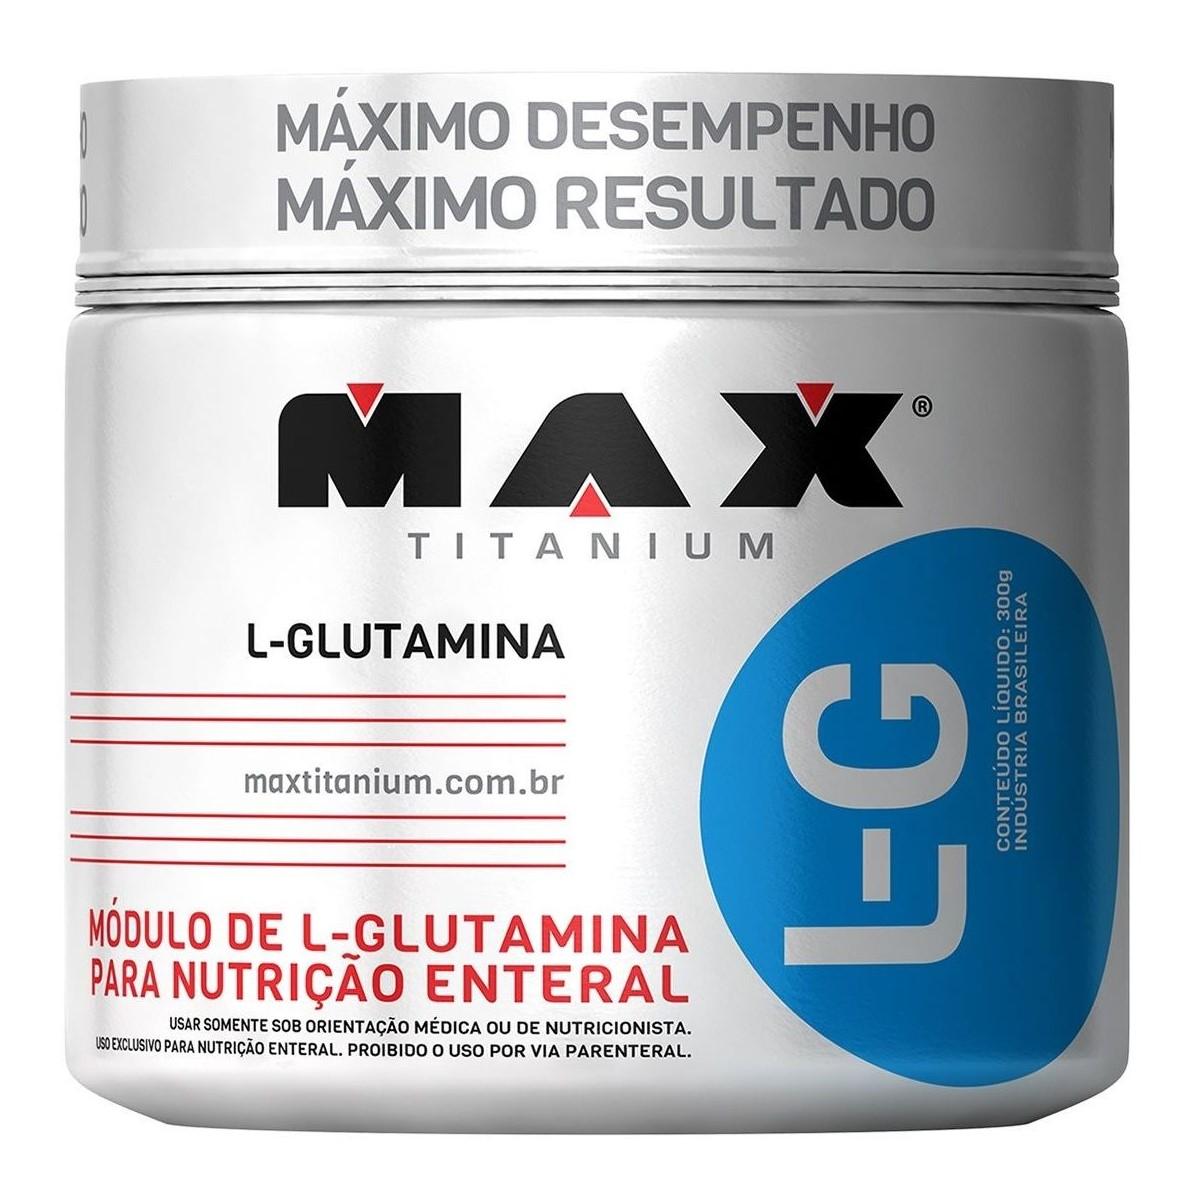 LG GLUTAMINA 300G - MAX TITANIUM